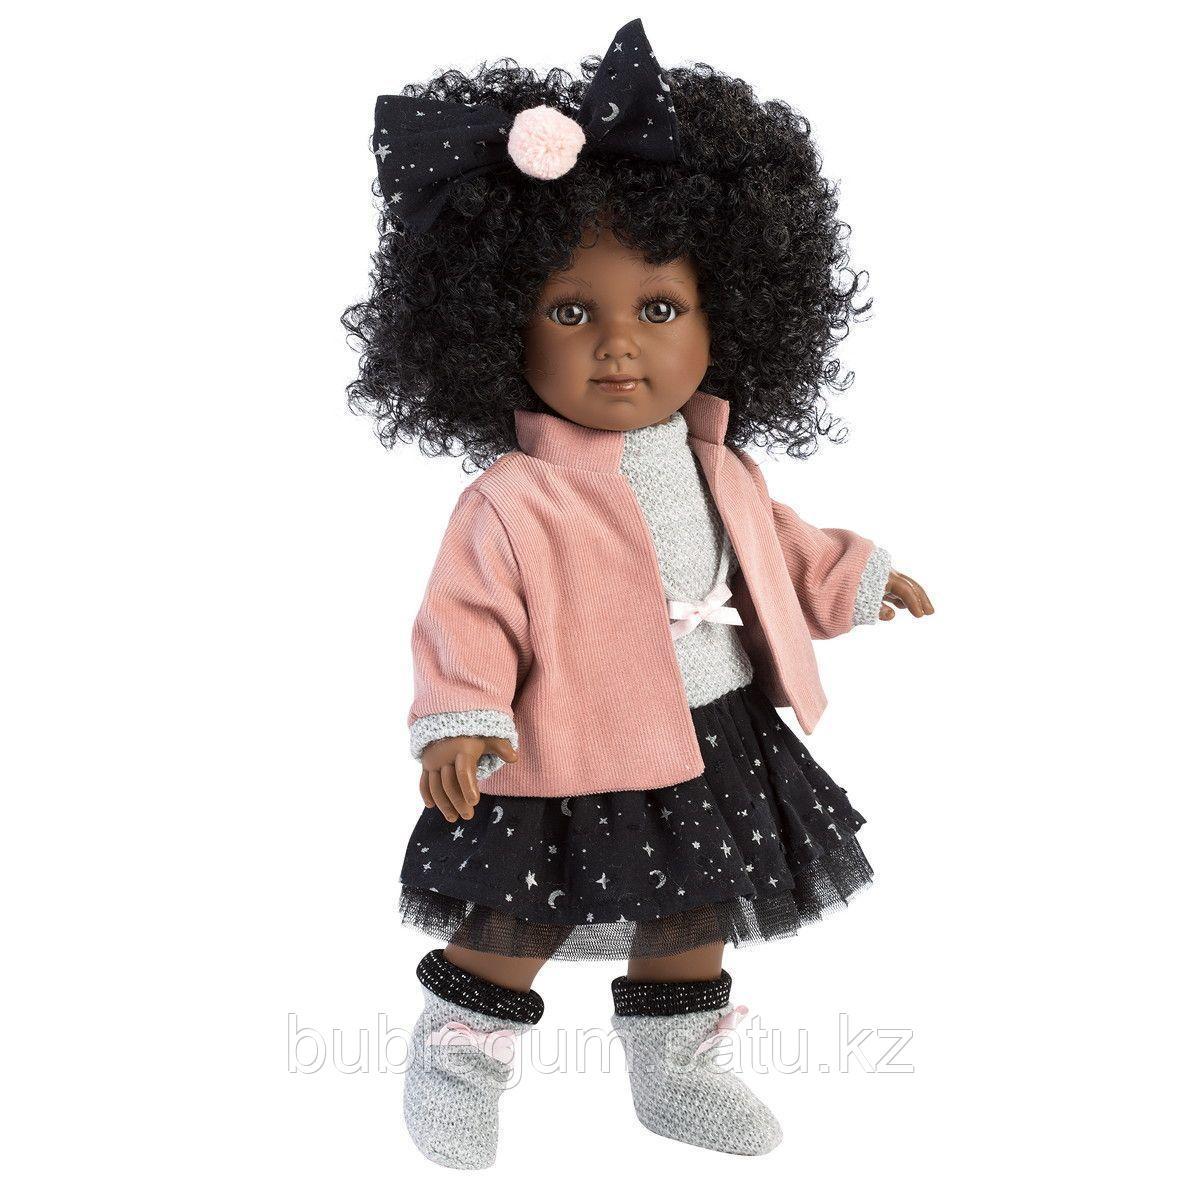 LLORENS:Кукла Зури 35см, мулатка в розовом жакете и черной кружевной юбке